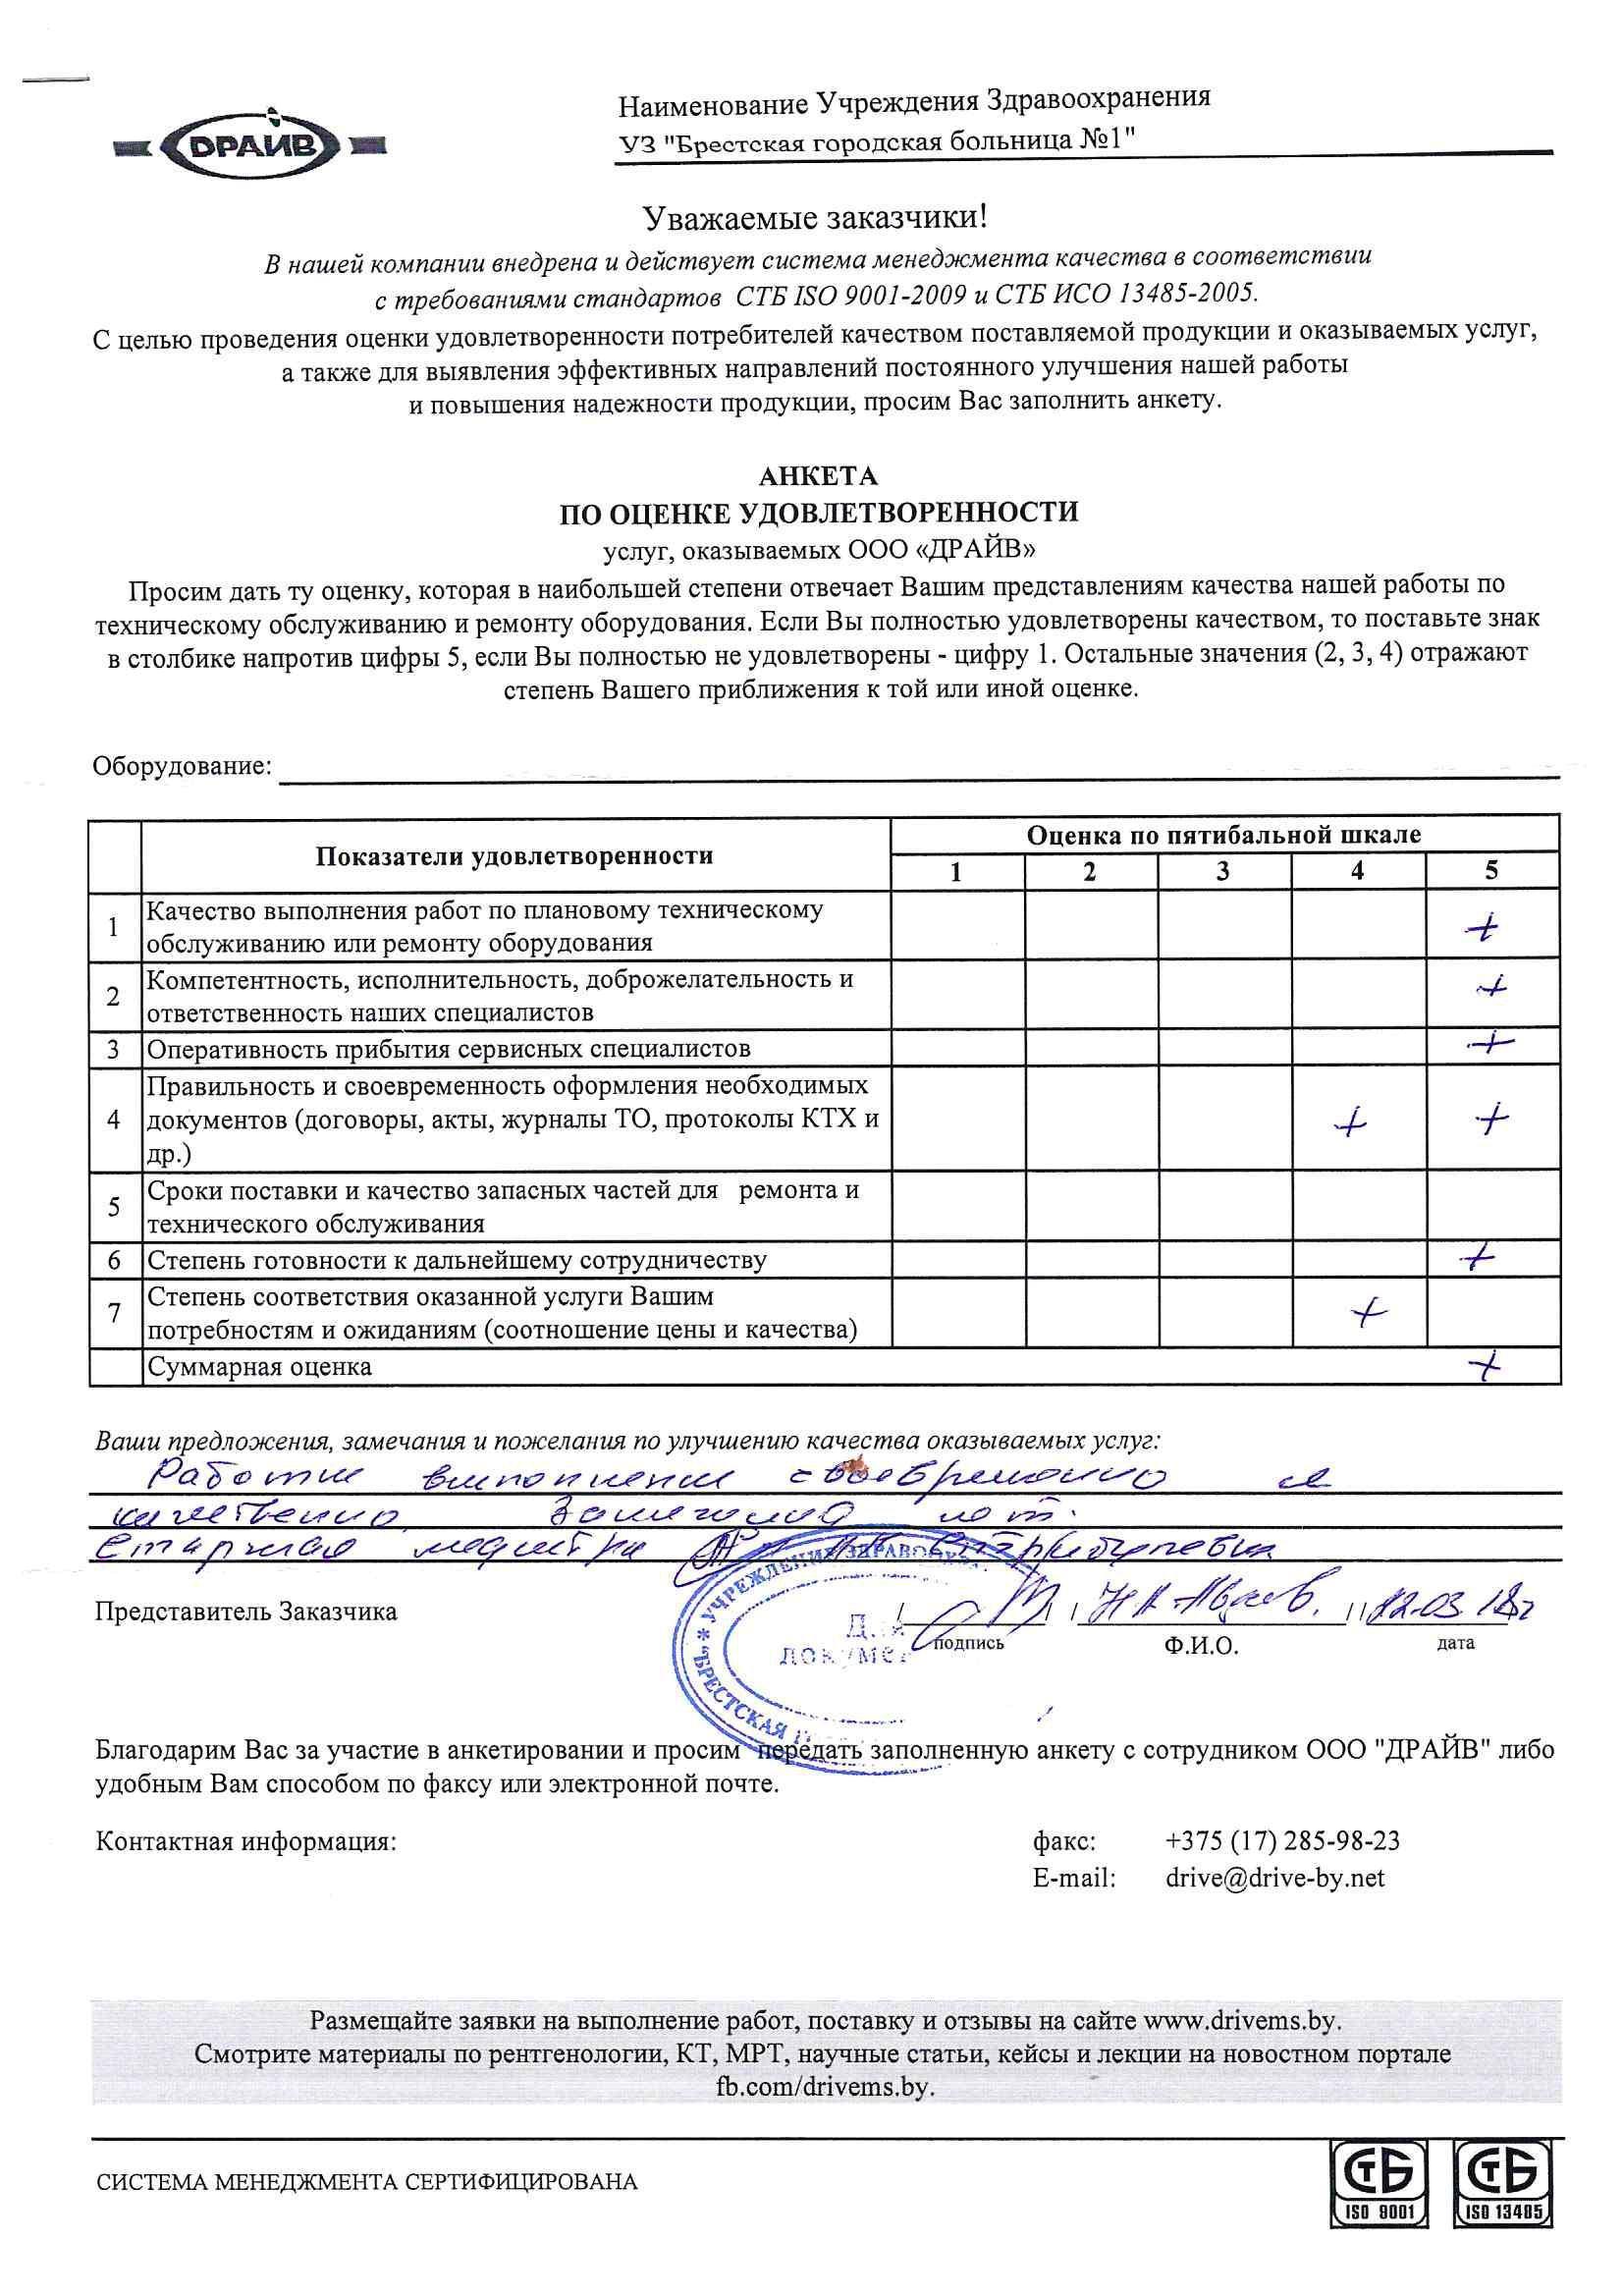 Анкета по оценке услуг 1 больница г.Брест